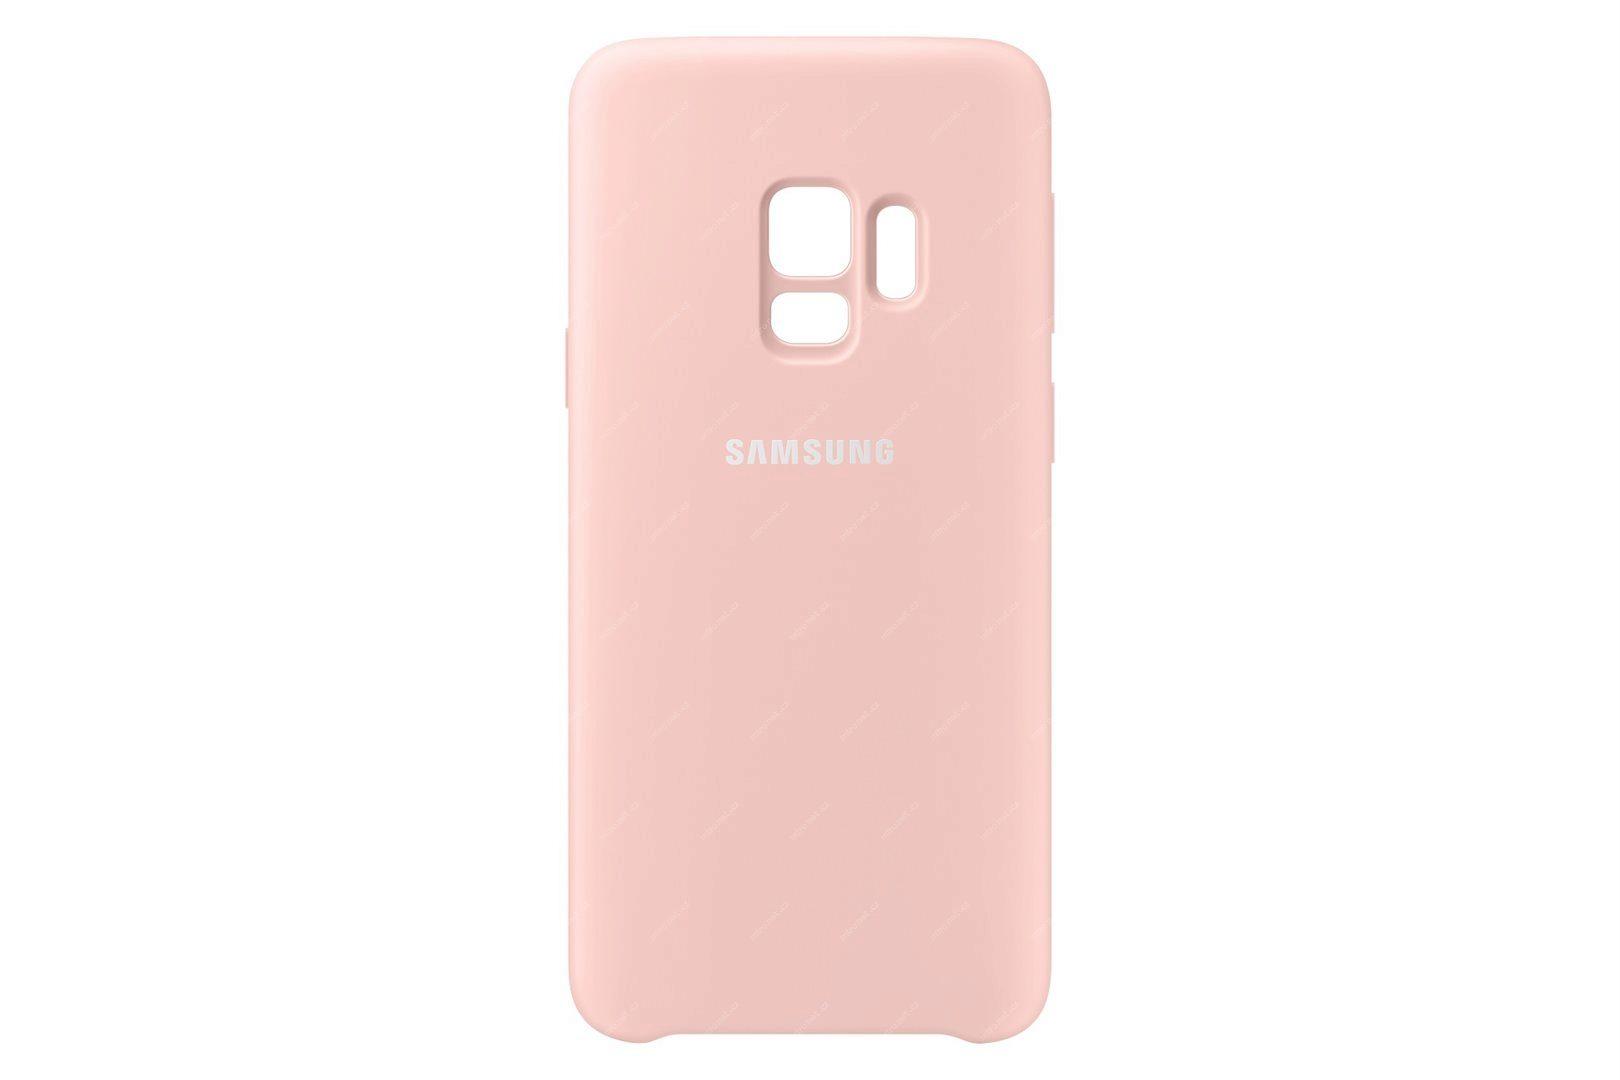 69340799 - Samsung Silikonový zadní kryt pro Samsung Galaxy S9 růžová 4134811900d